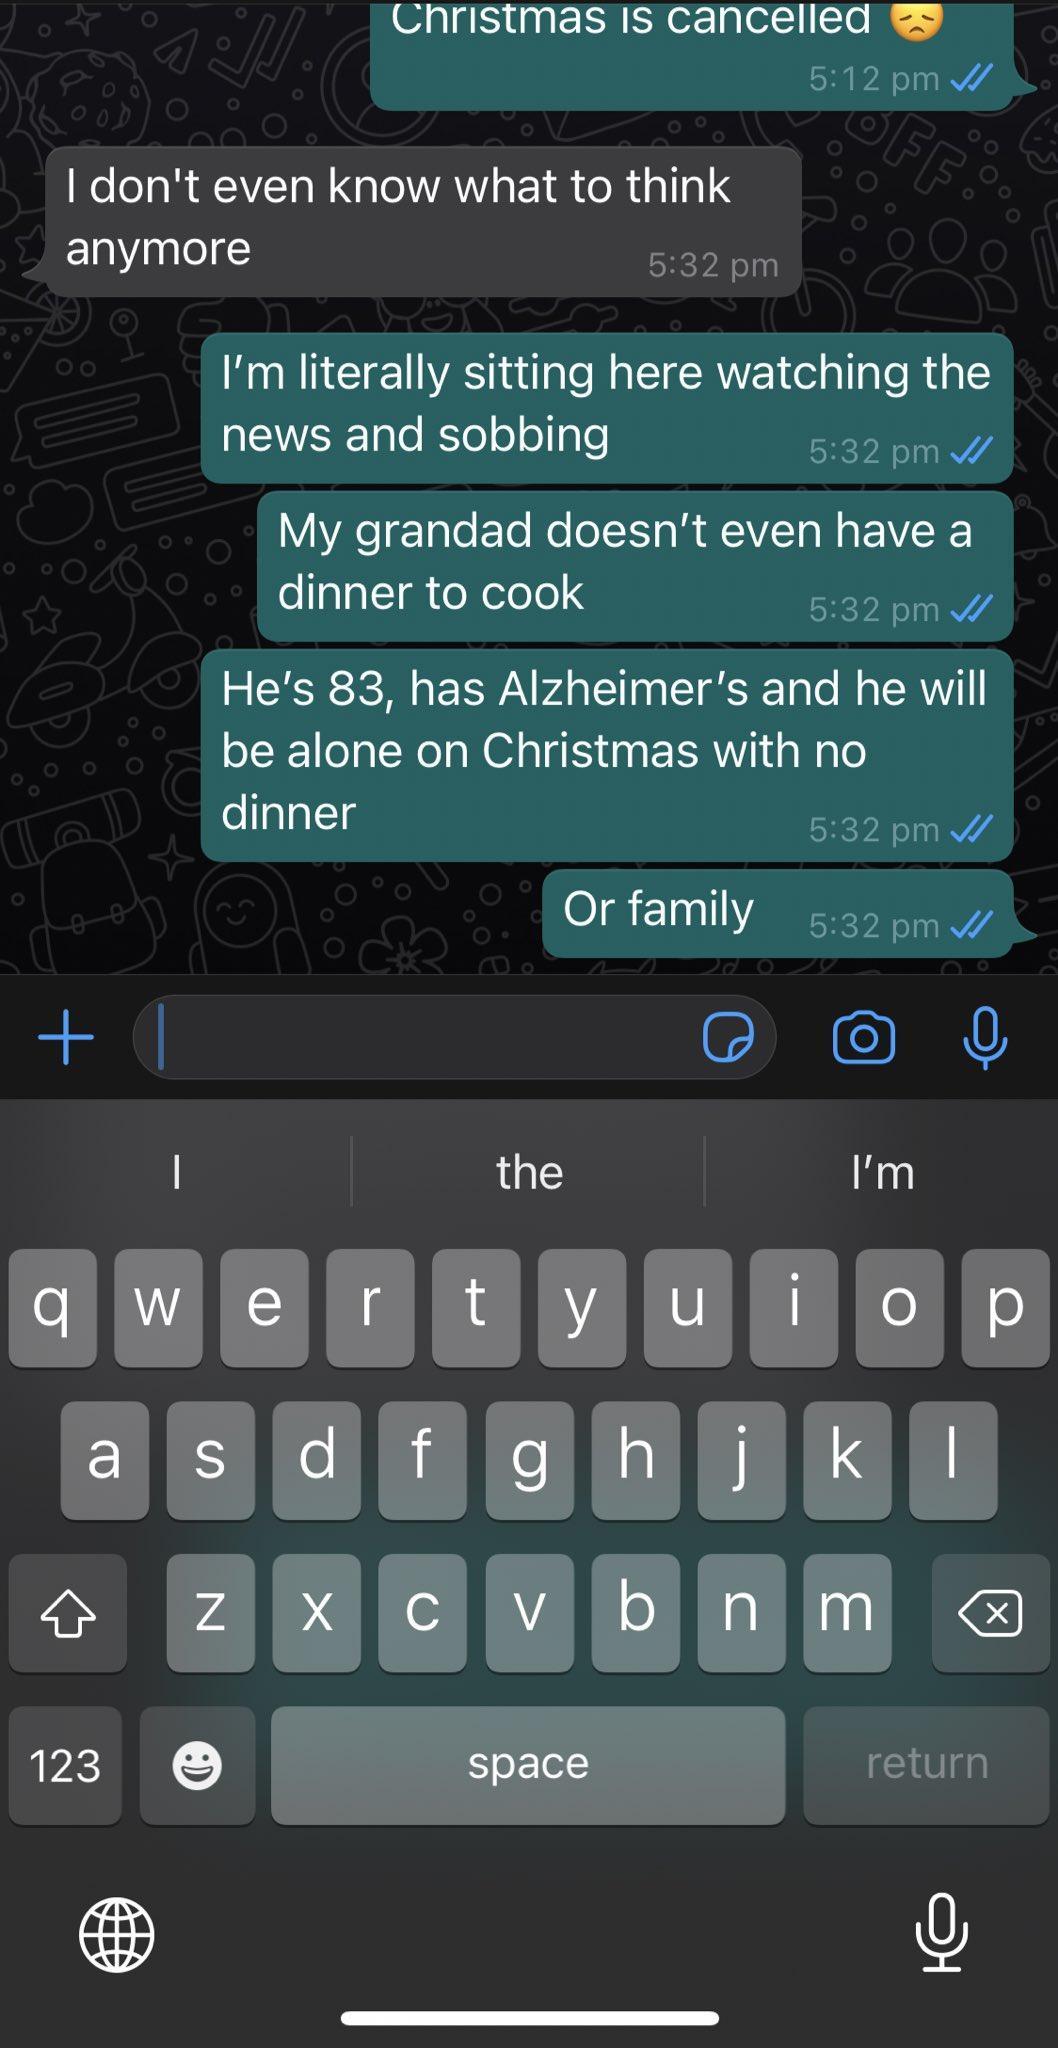 Пользователь жалуется, что не сможет навестить на Рождество свою бабушку с синдромом Альцгеймера/ Twitter